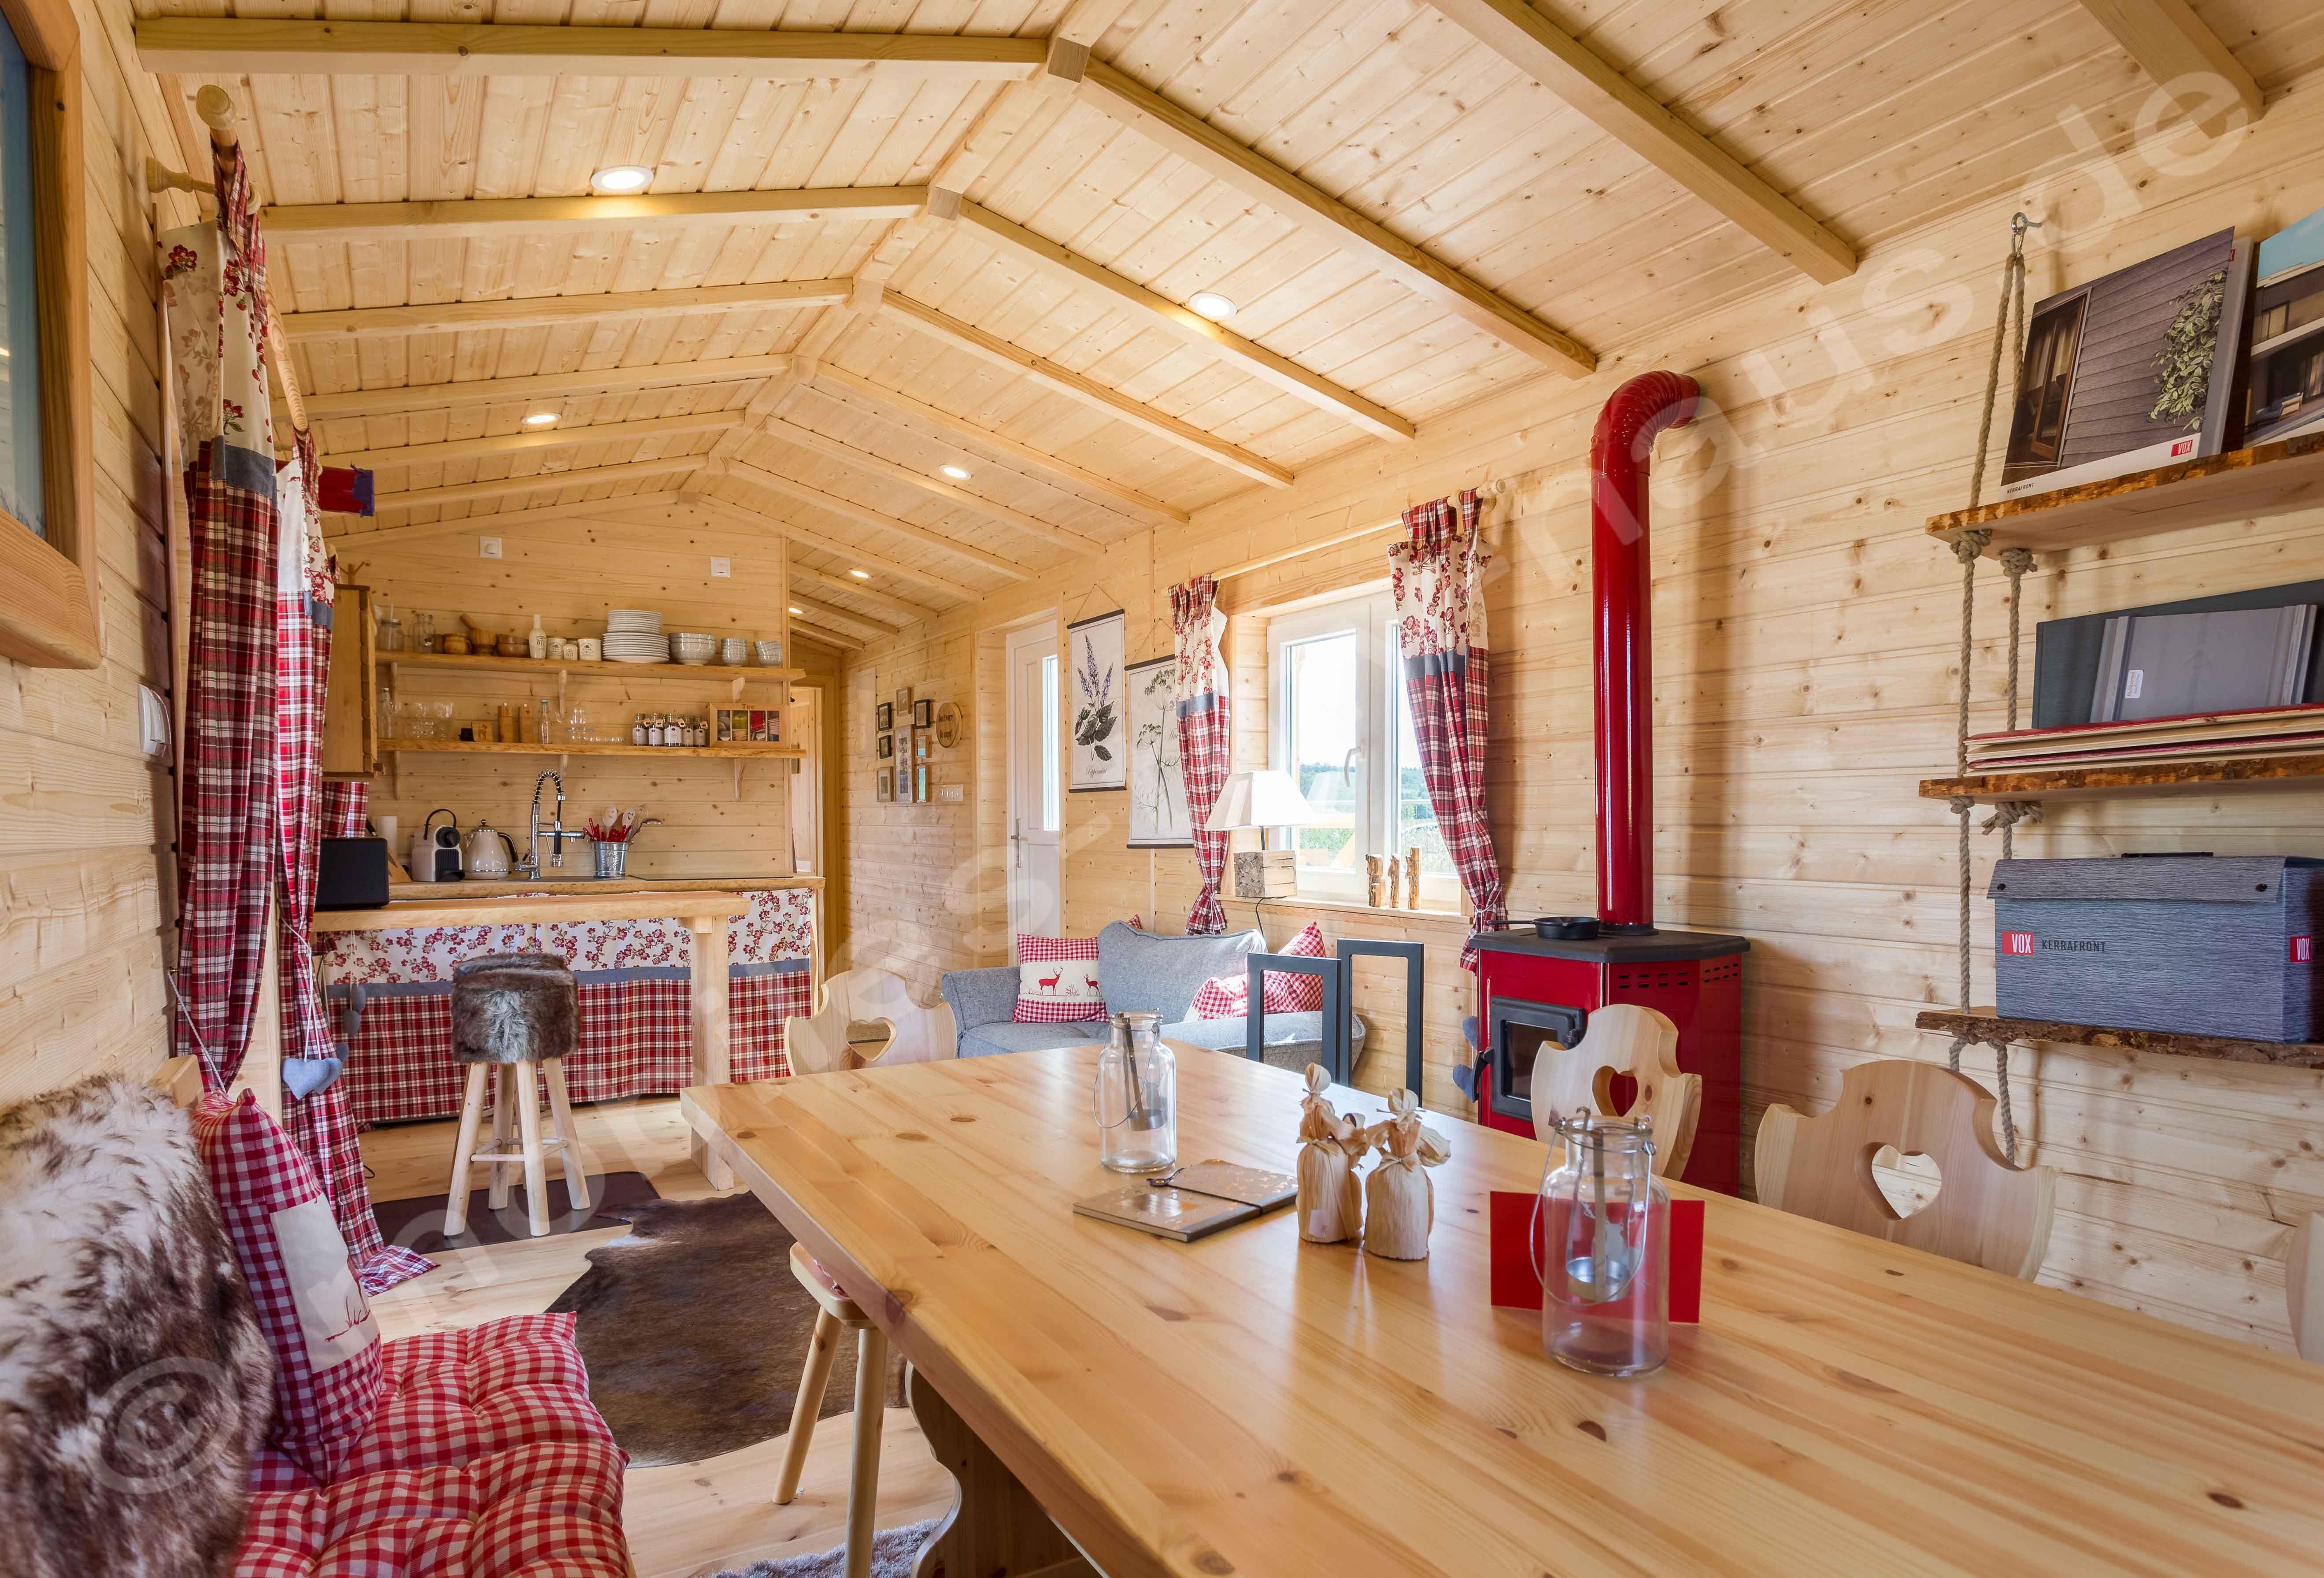 Holzhaus als Mobilheim in Rustikal gehalten. 50 qm